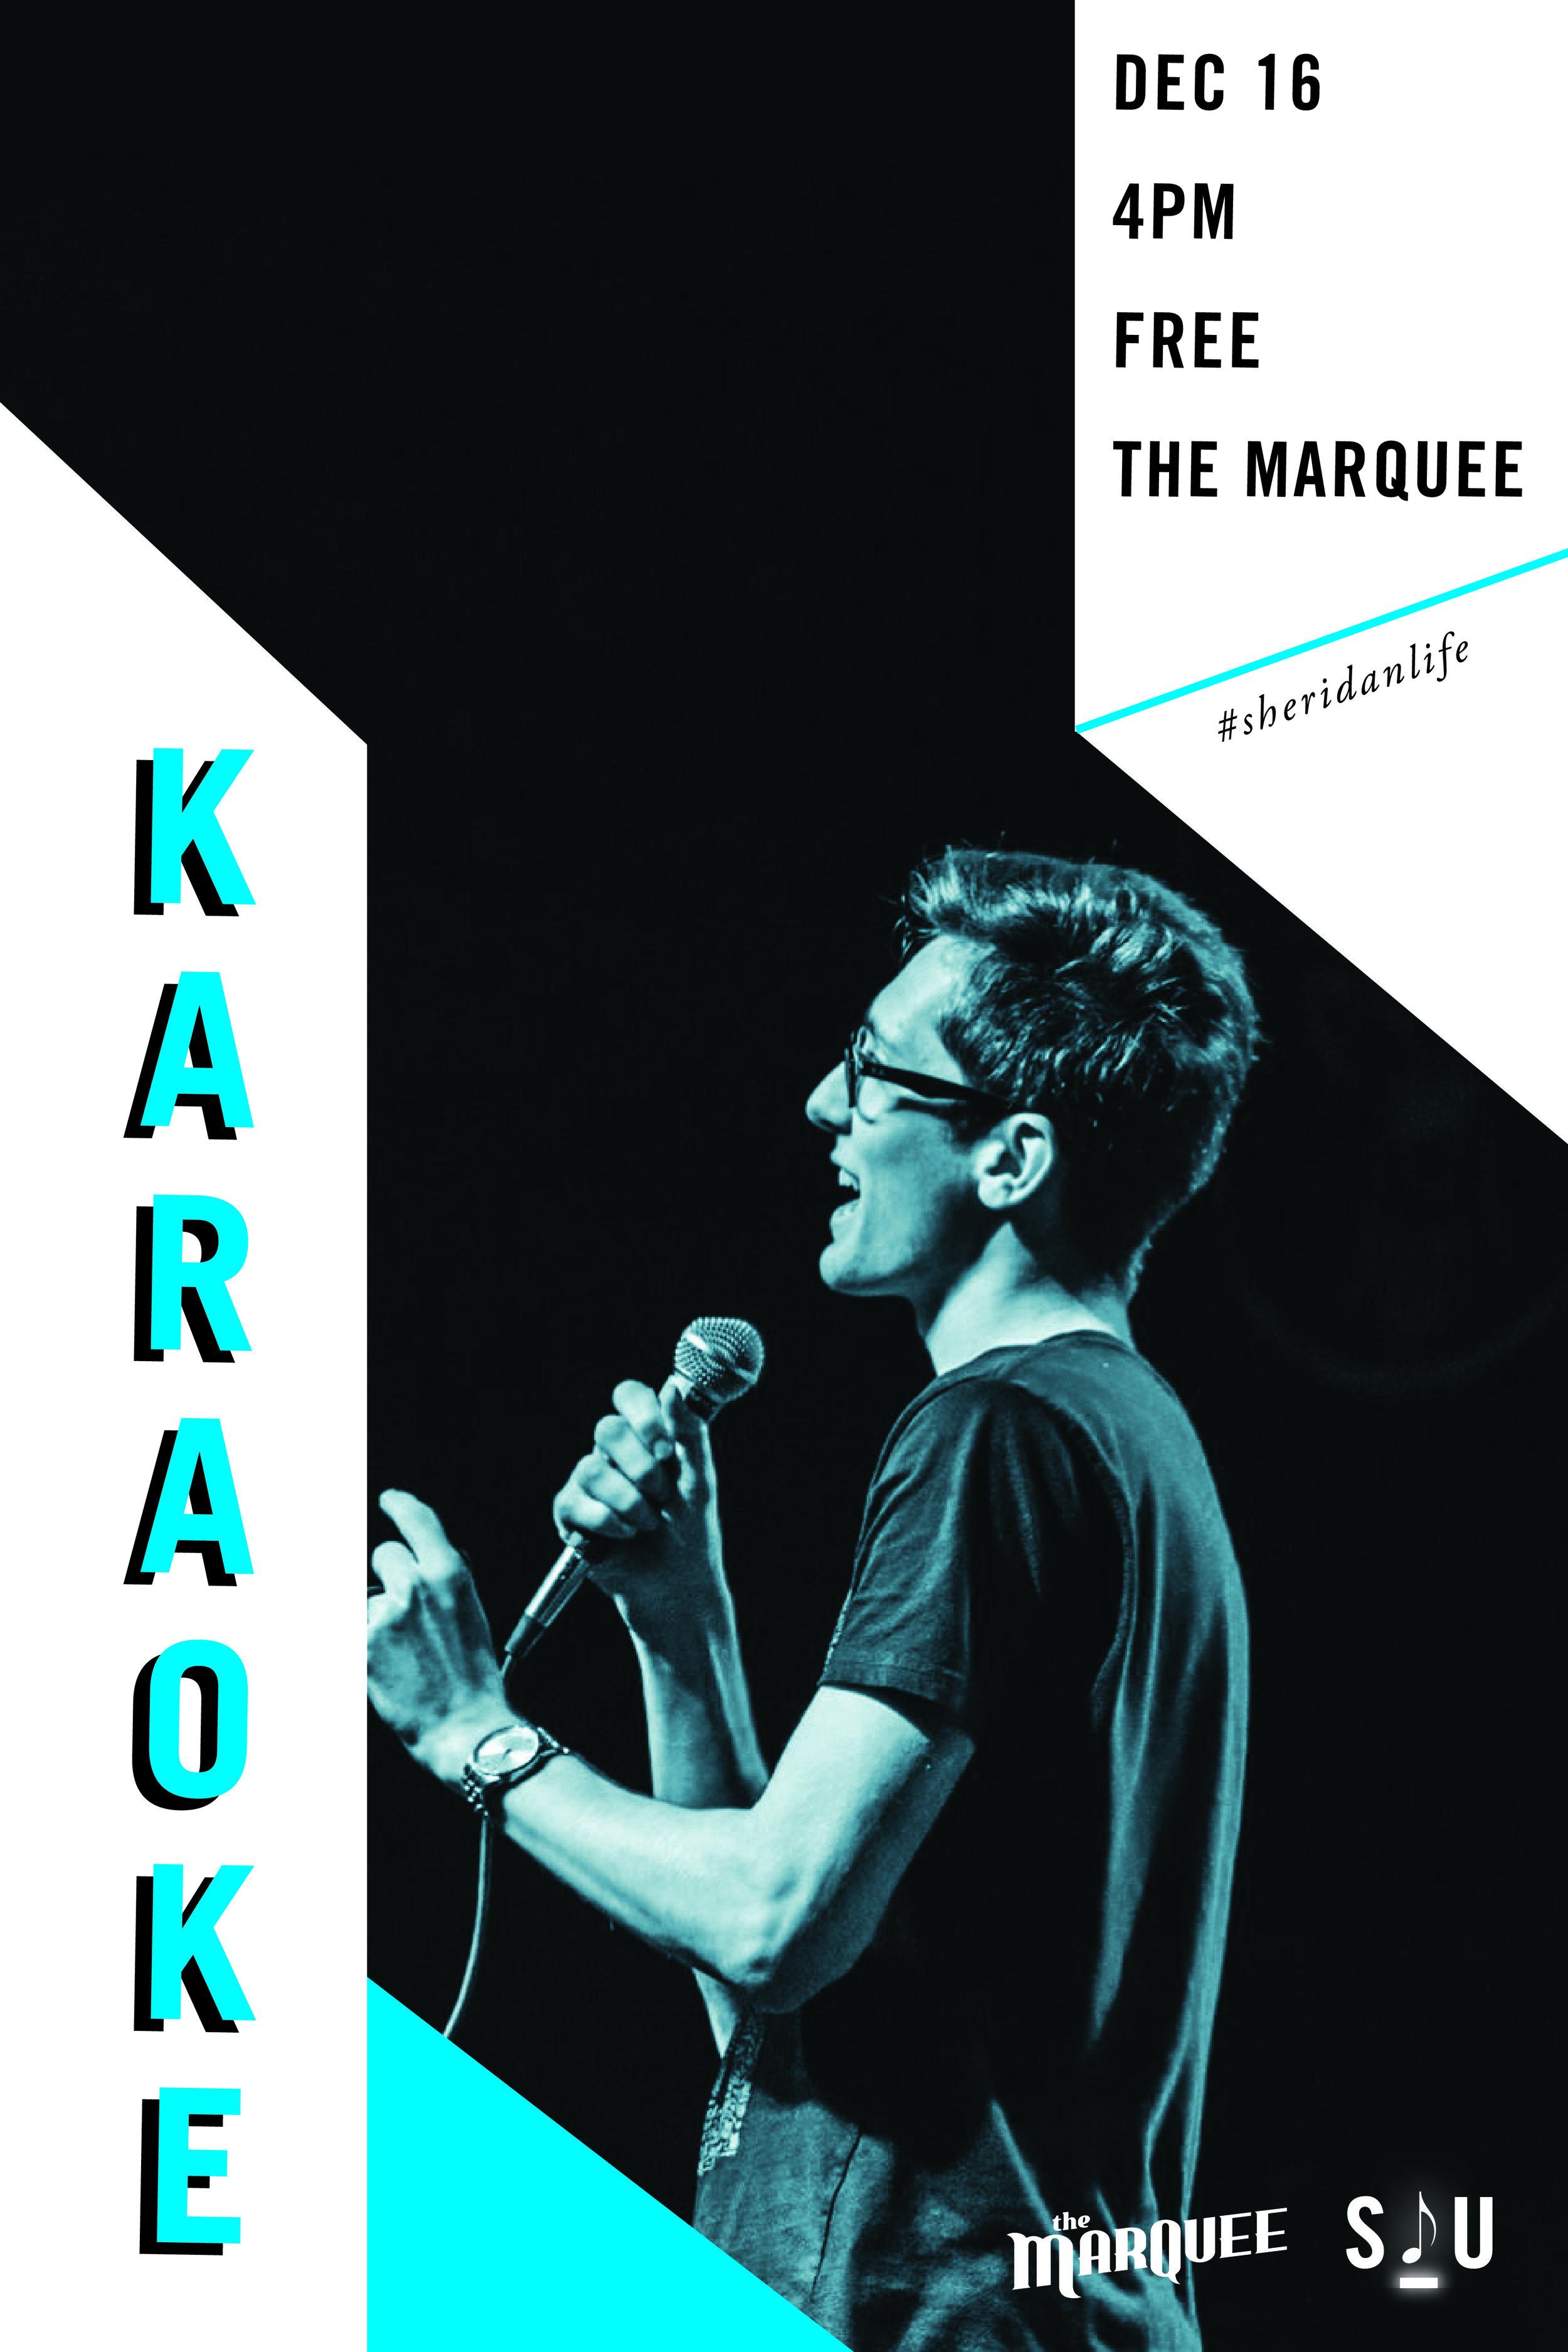 DEC 16 karaoke_PRINT-01.jpg